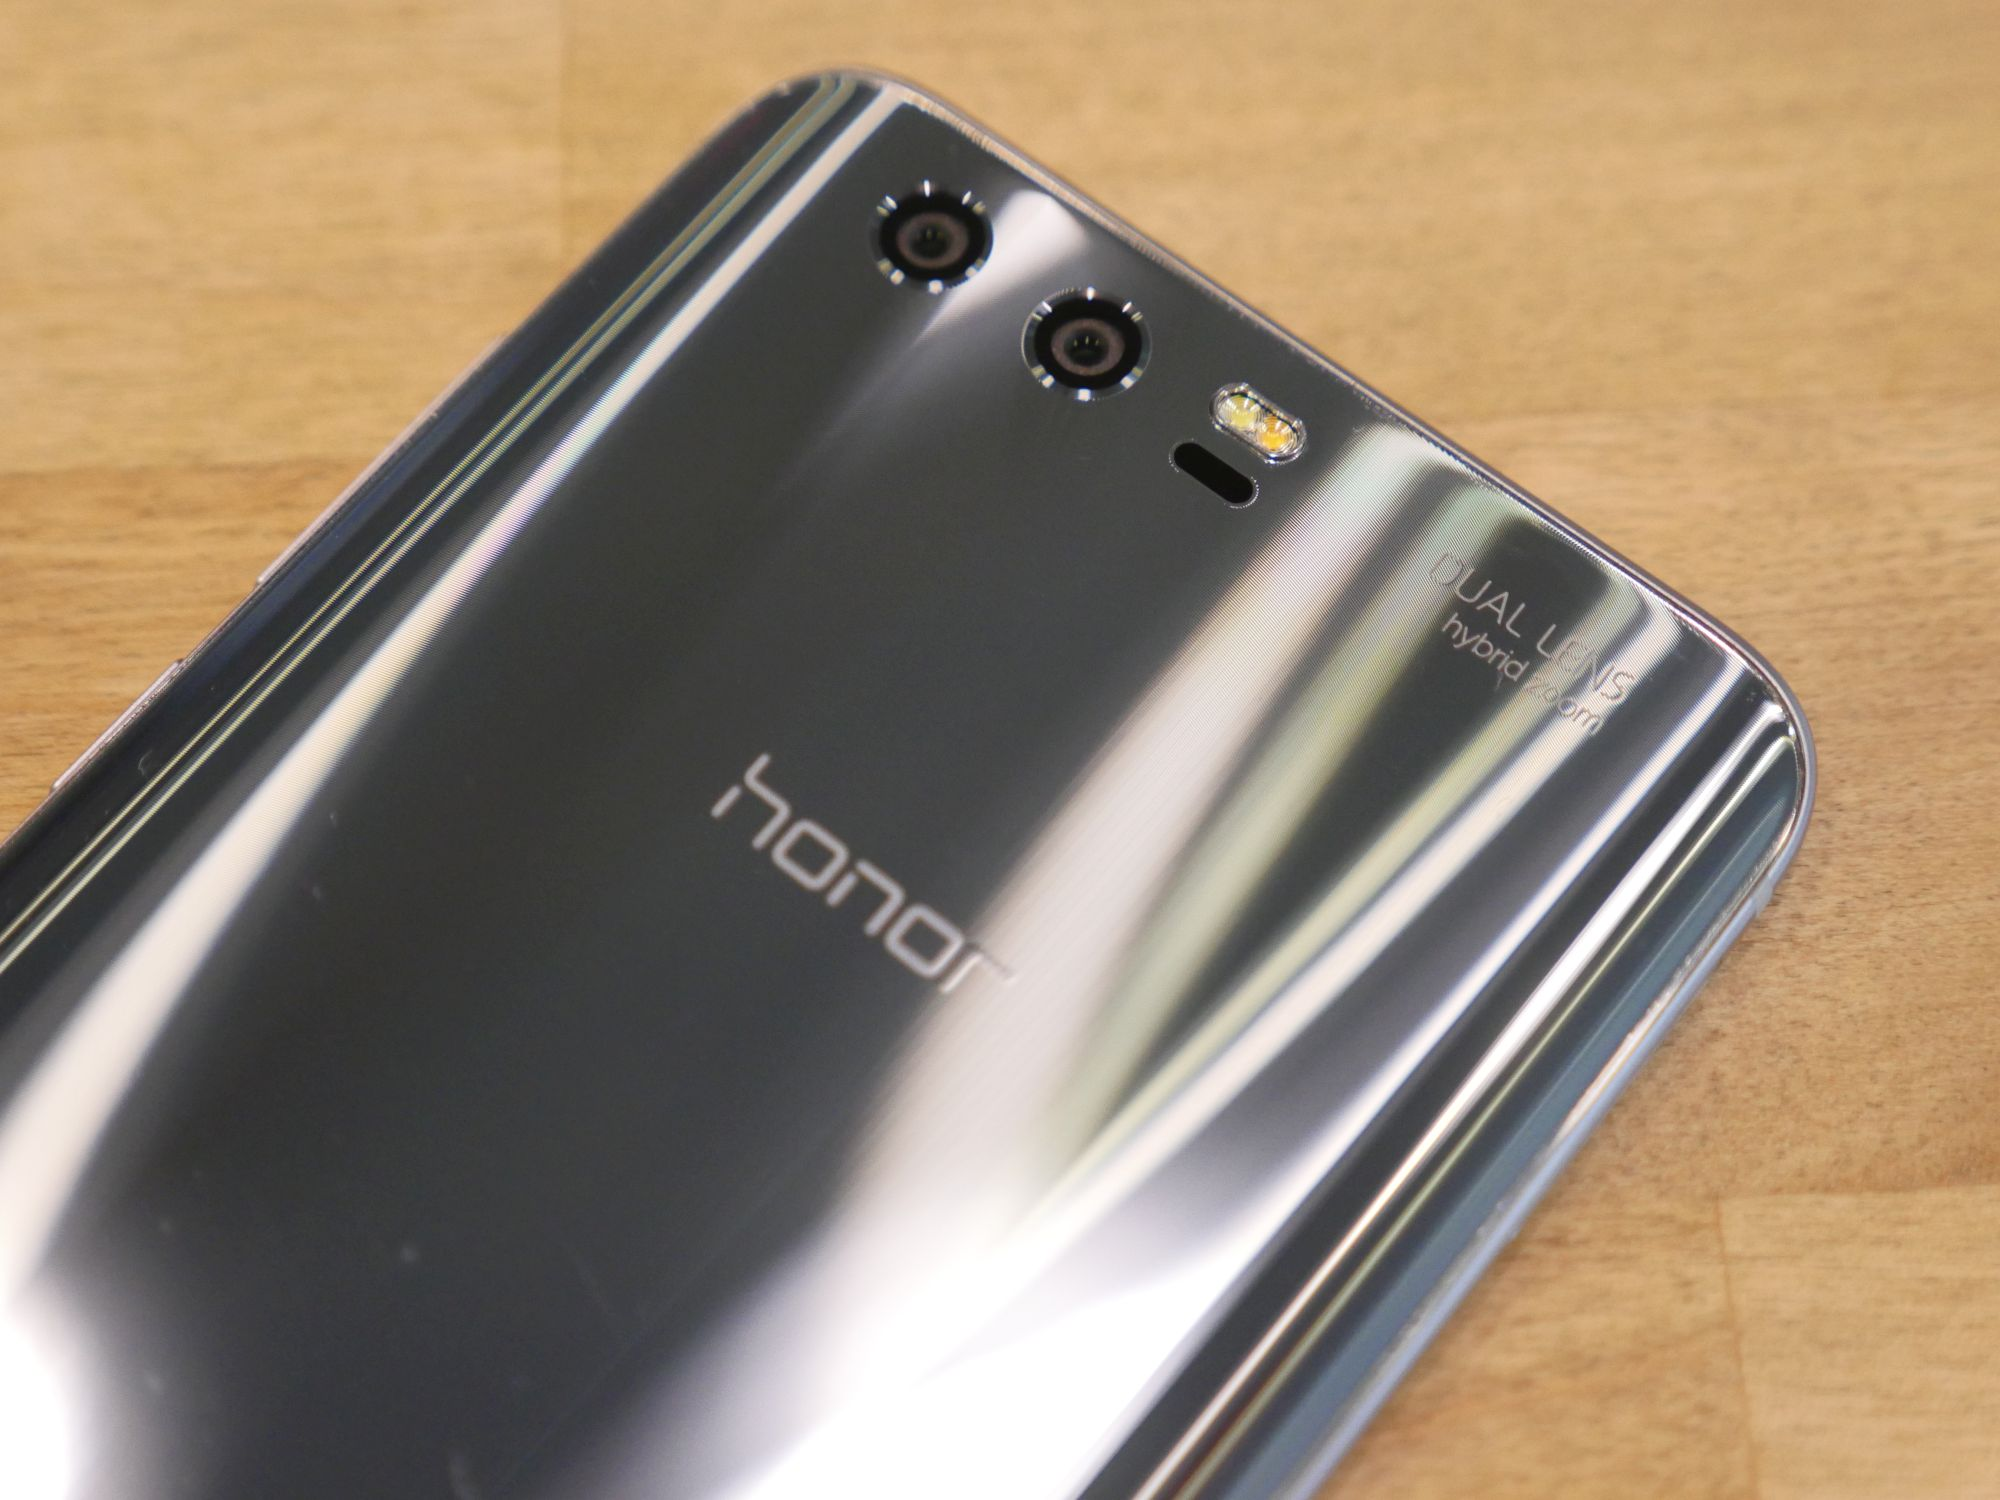 """Tabletowo.pl Honor 5 grudnia zaprezentuje w Europie nowy, """"bezramkowy"""" smartfon Android Huawei Smartfony"""